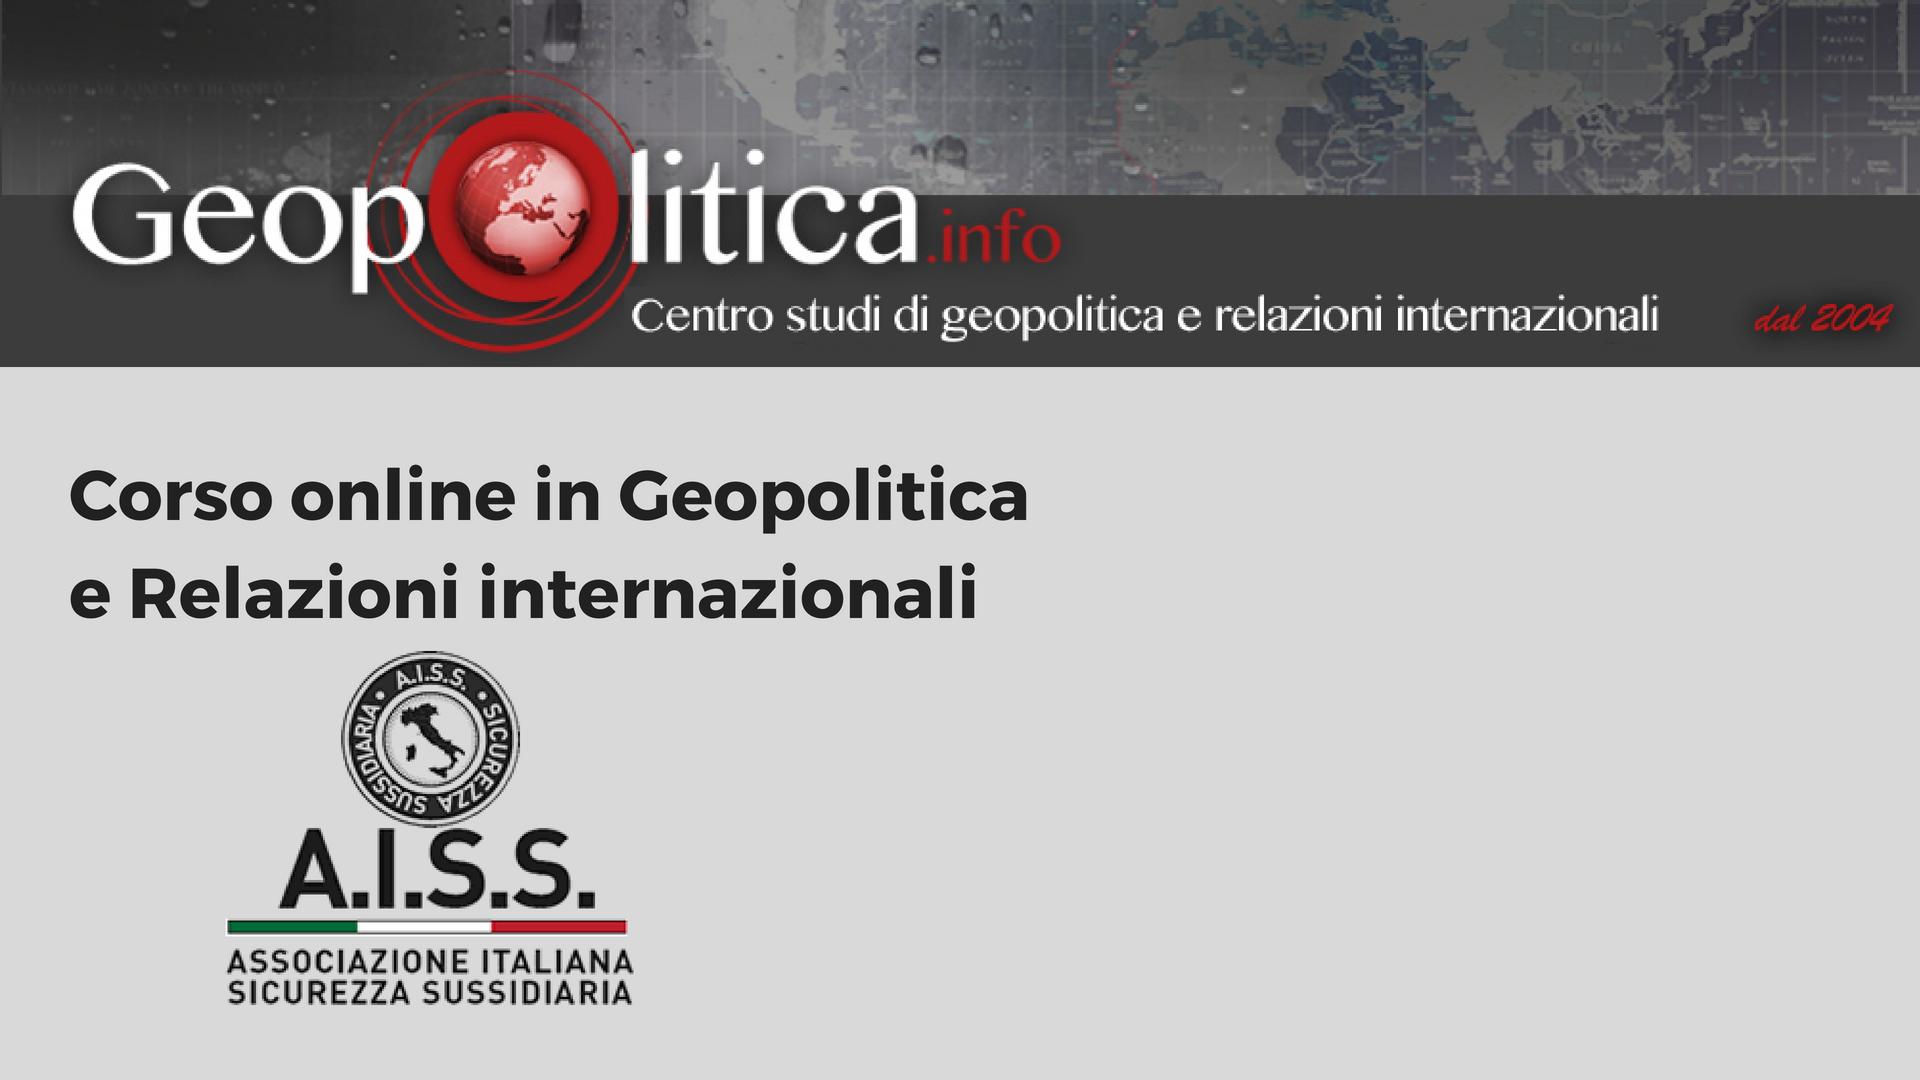 Corso online in Geopolitica e Relazioni internazionali